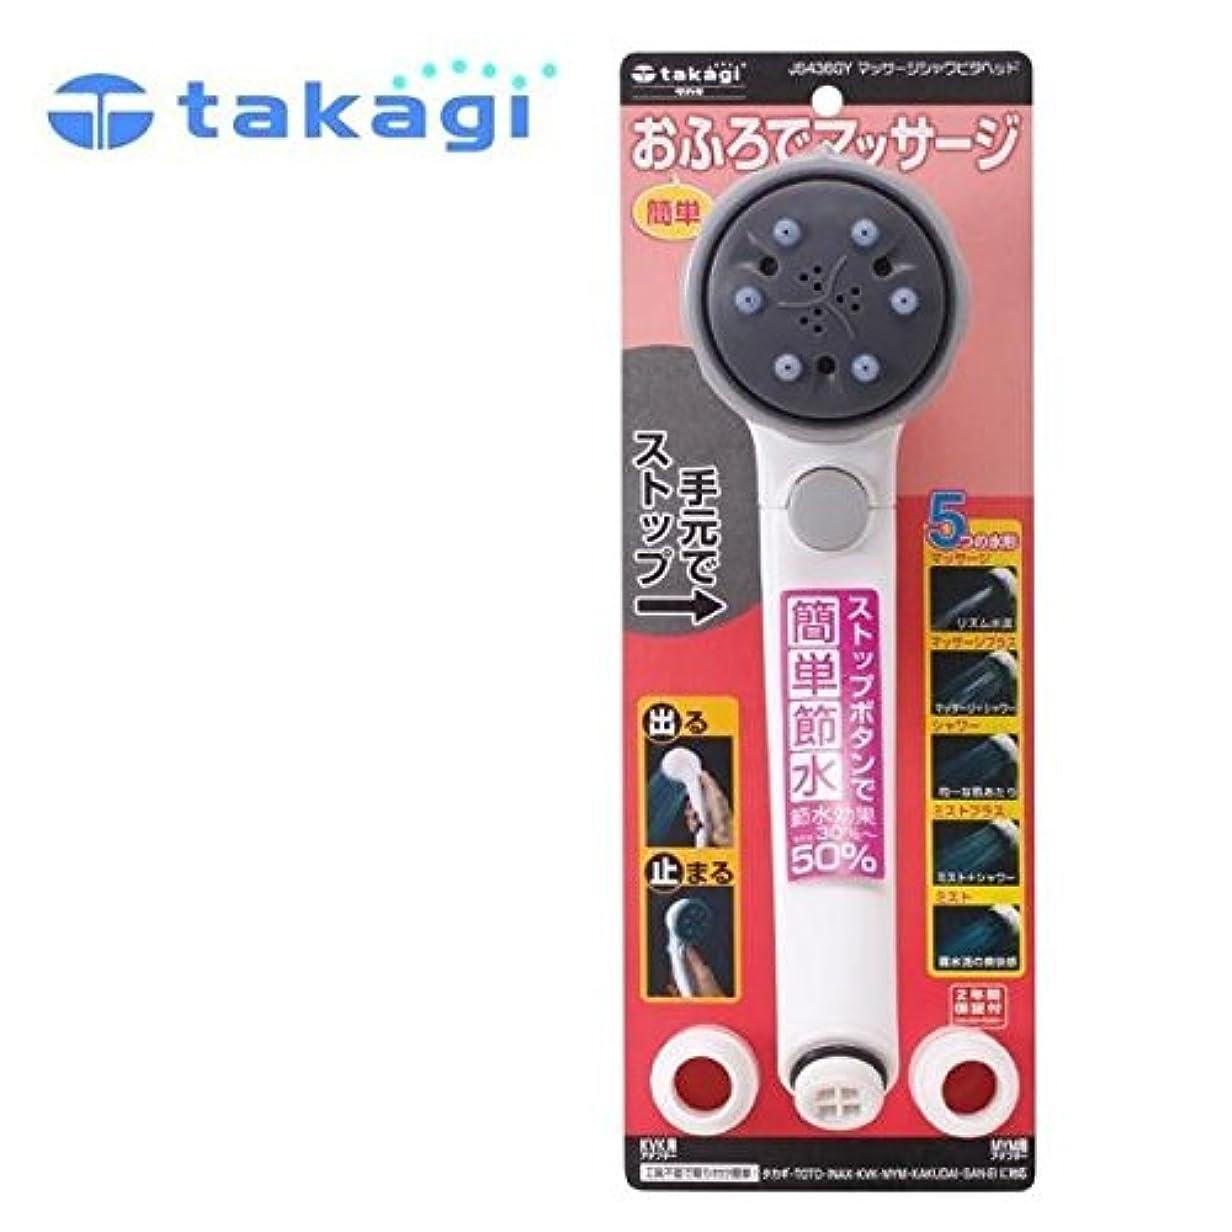 スープ過半数革命takagi タカギ 浴室用シャワーヘッド マッサージシャワピタヘッド【同梱?代引不可】